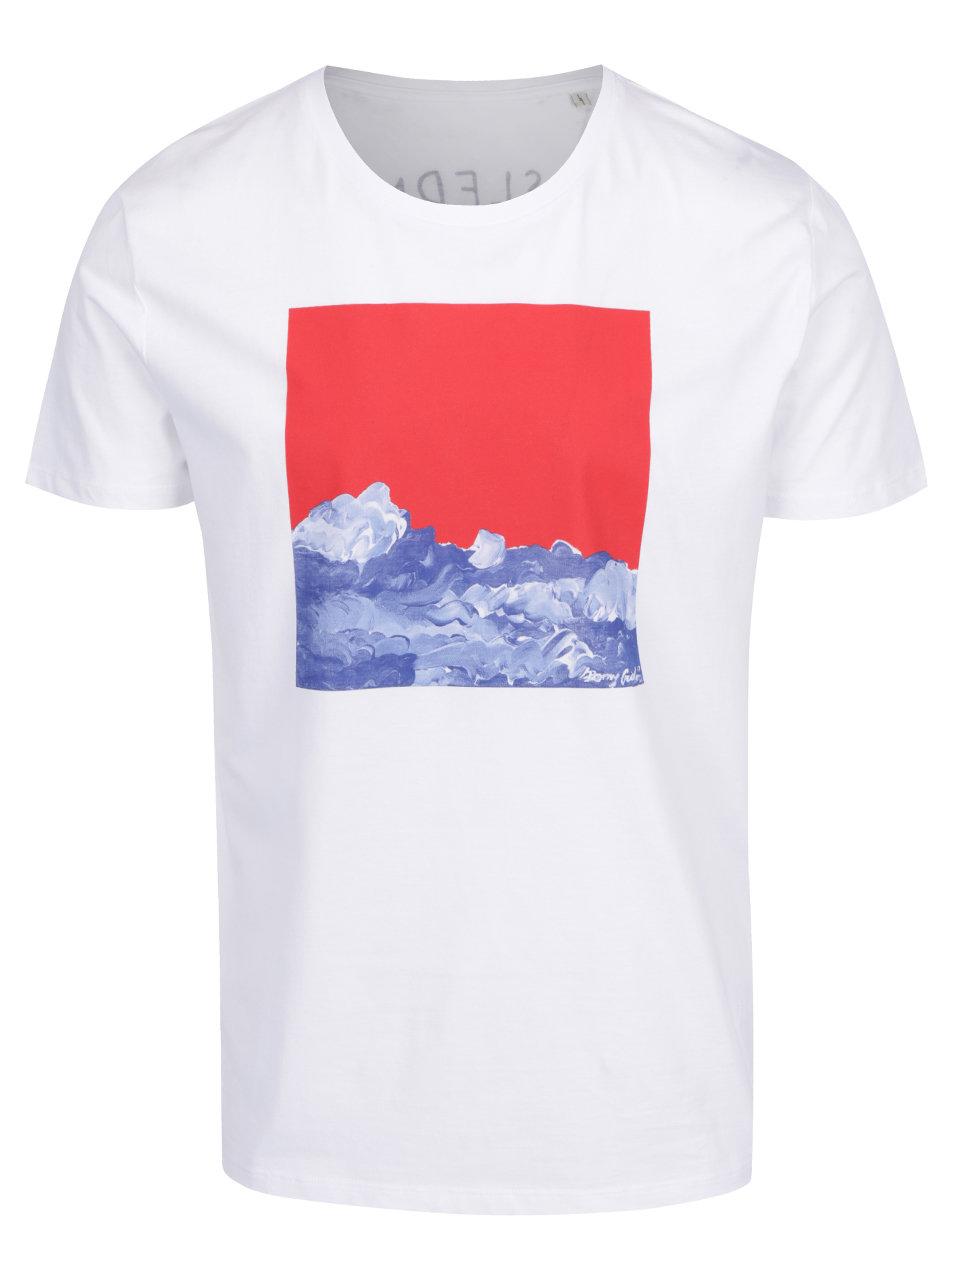 d77e695a03e Bílé pánské tričko s potiskem Ben Cristovao - Poslední ...